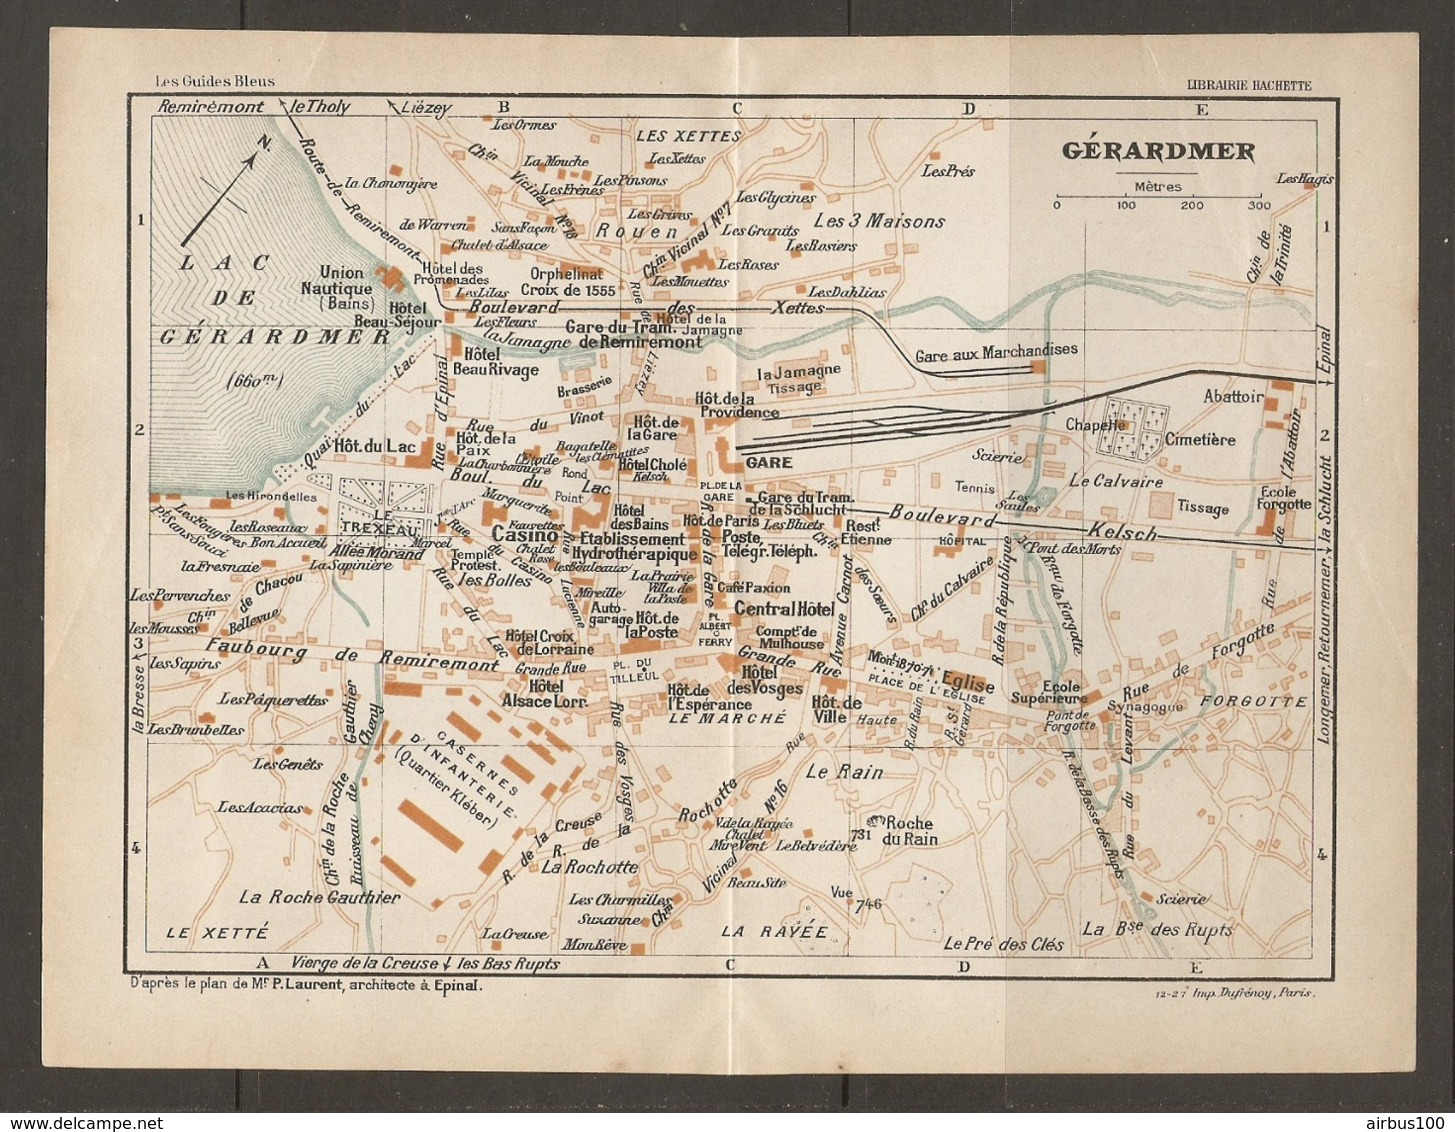 CARTE PLAN 1927 - GERARDMER LE TREXEAU LES XETTES FORGOTTE LA RAVEE LES 3 MAISONS CASINO - Cartes Topographiques